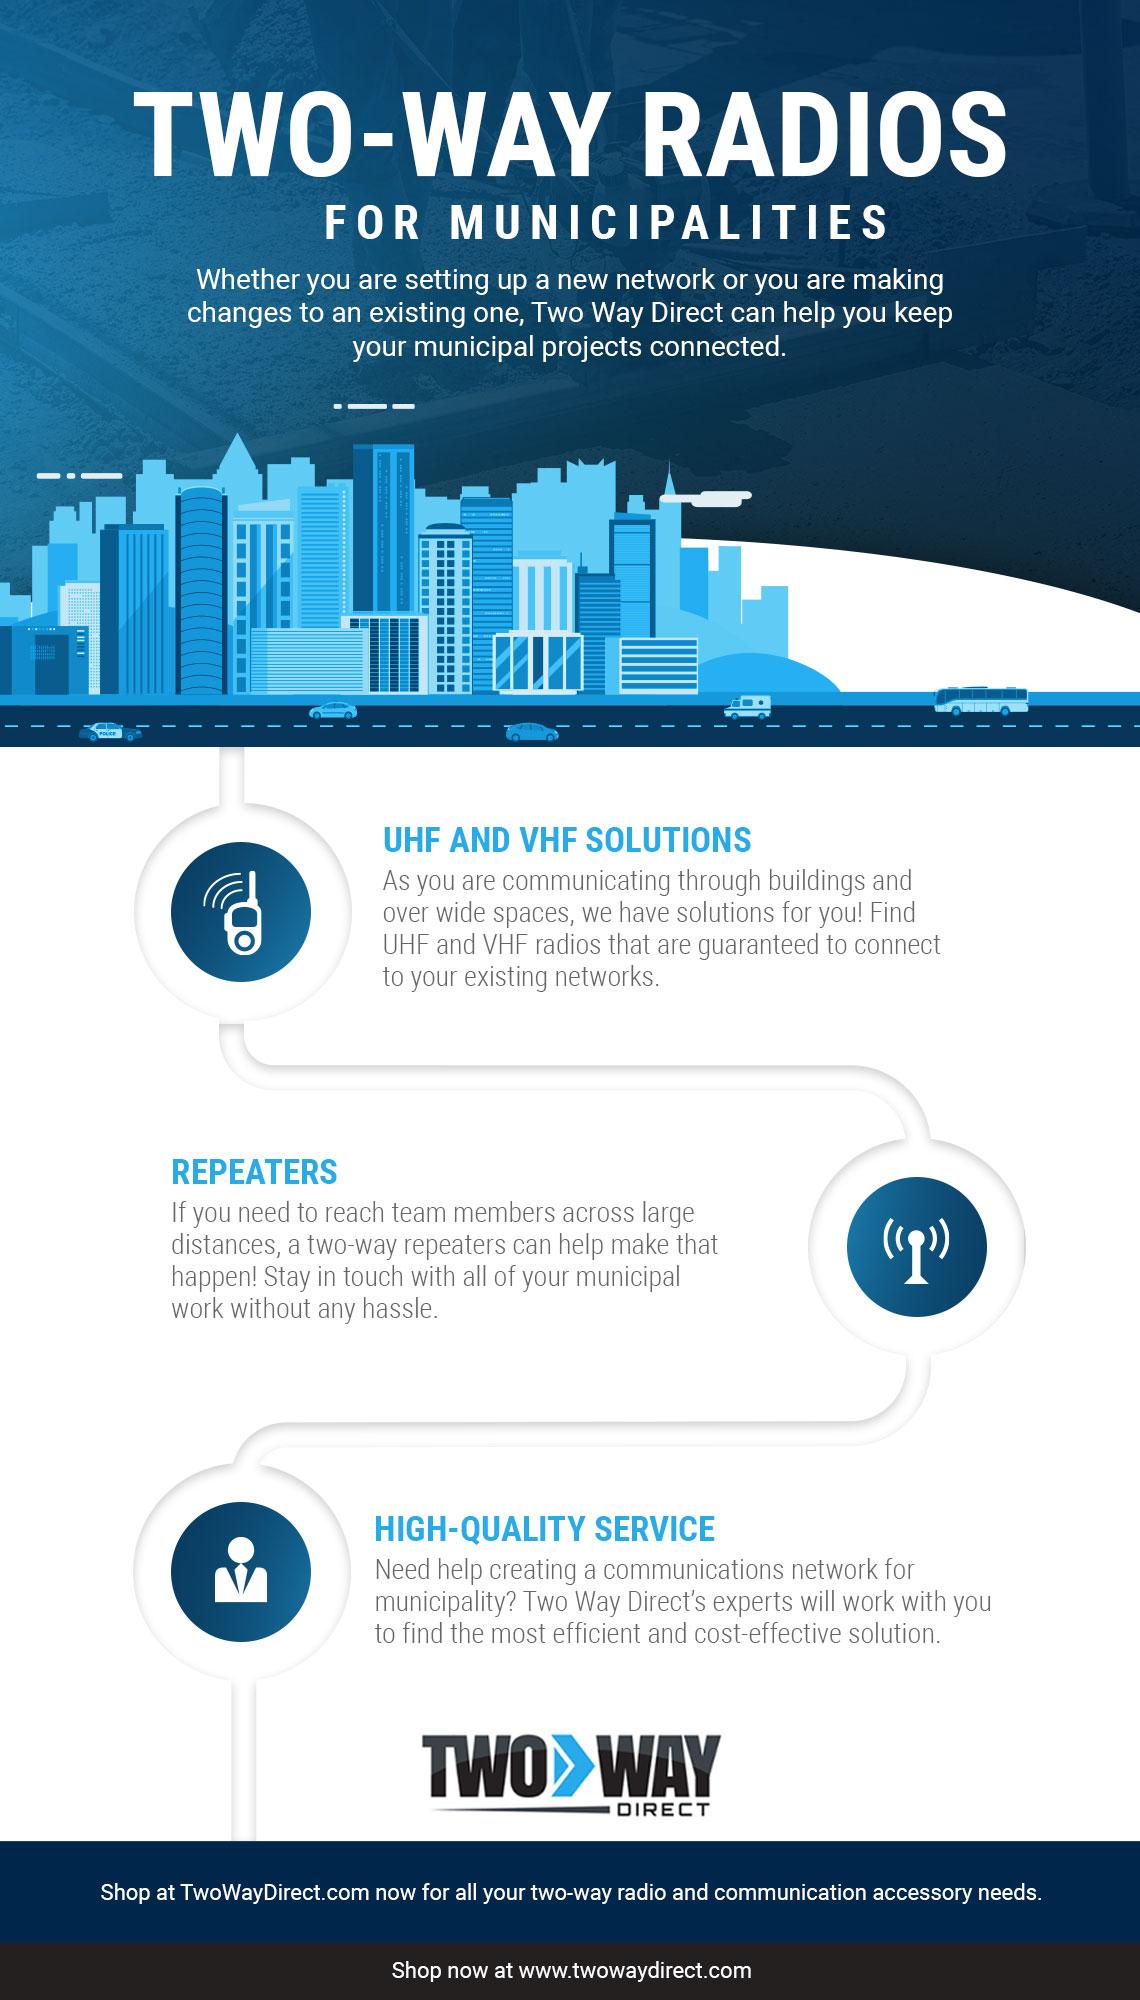 2020-01-22-infographic-municipalities.jpg